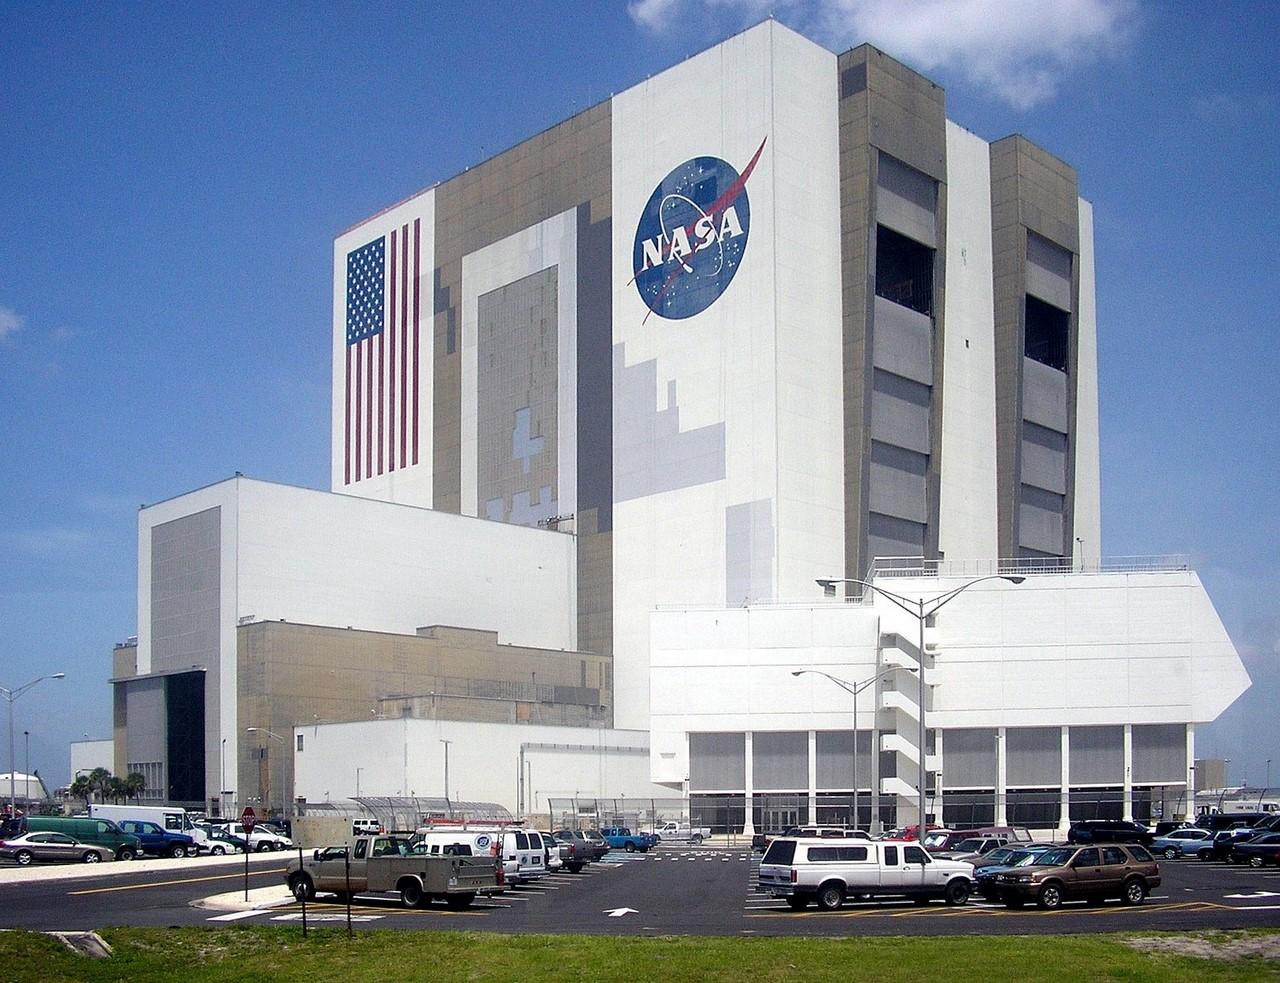 Самое крупное одноэтажное сооружение в мире здания, высокий, внутри, вертикальной, которых, горизонтальном, положении, огромные, американских, полезного, высокая, сооружения, ракеты, собранной, самые, смонтированы, сборки, Самая, этого, ступеней